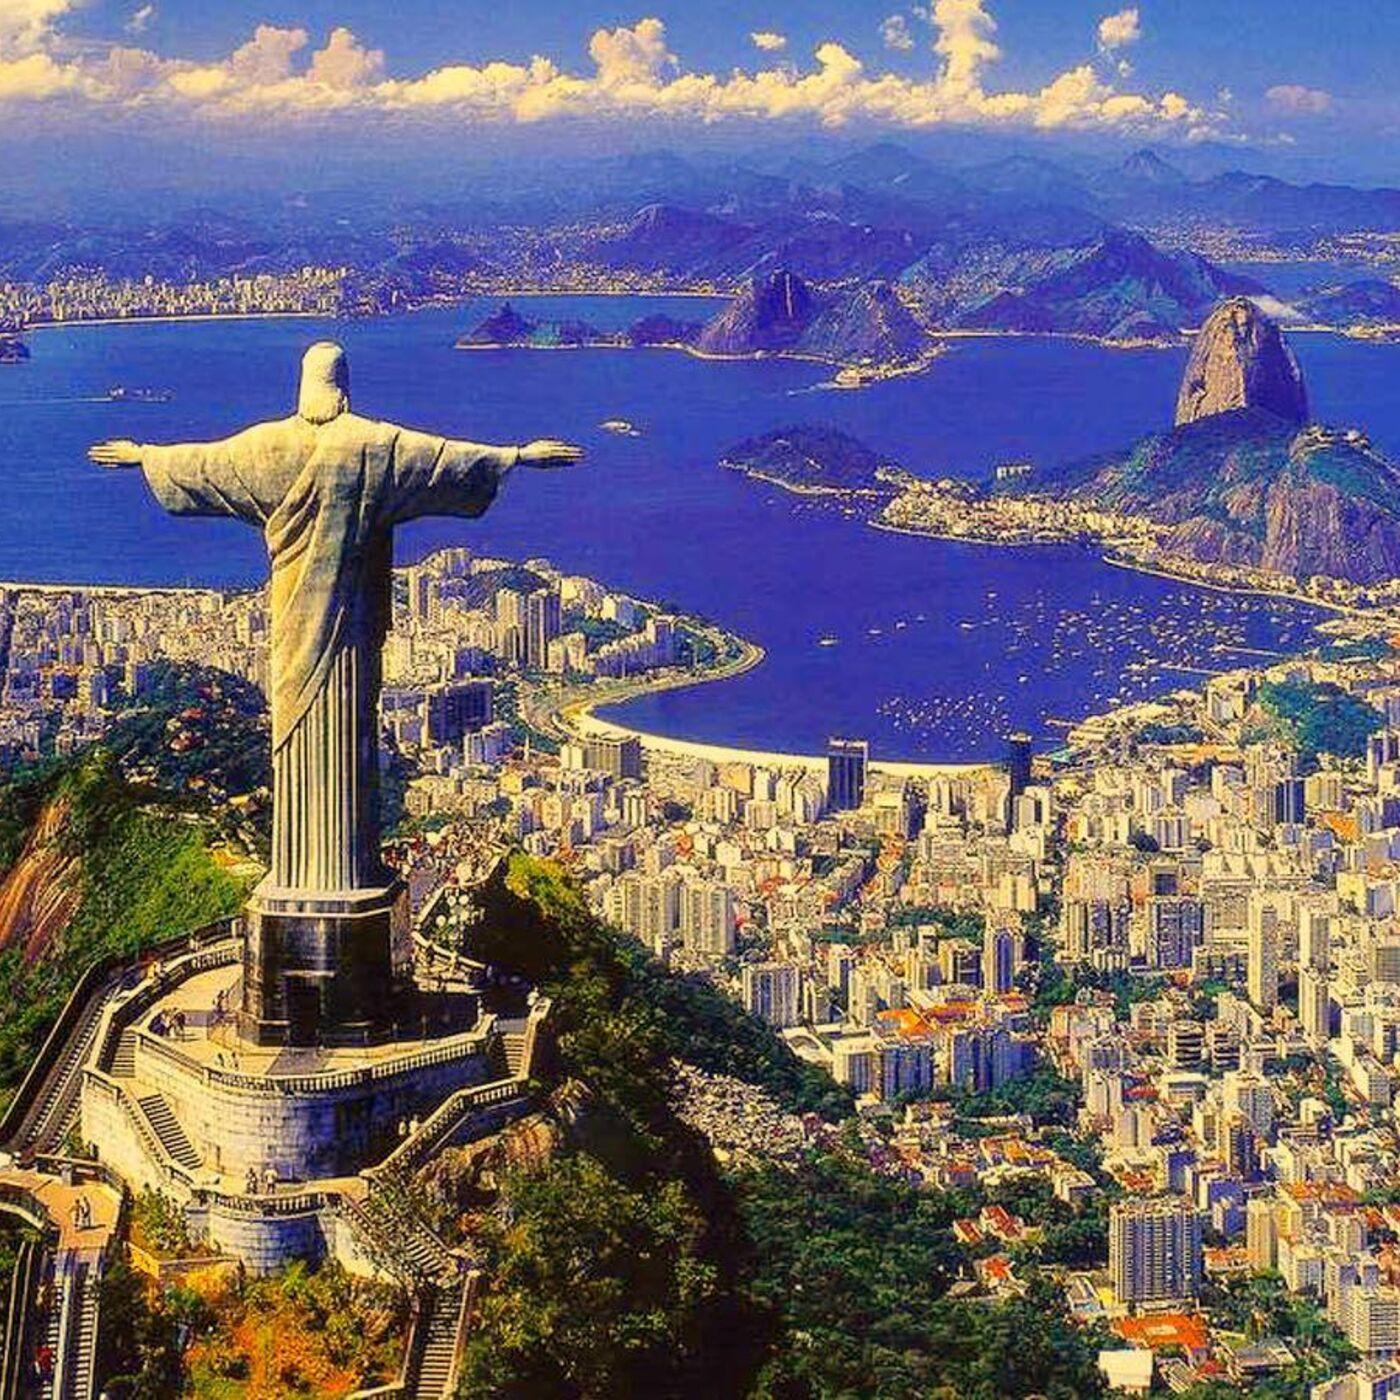 O Rio de Janeiro continua Lindo? - 31/08/2020